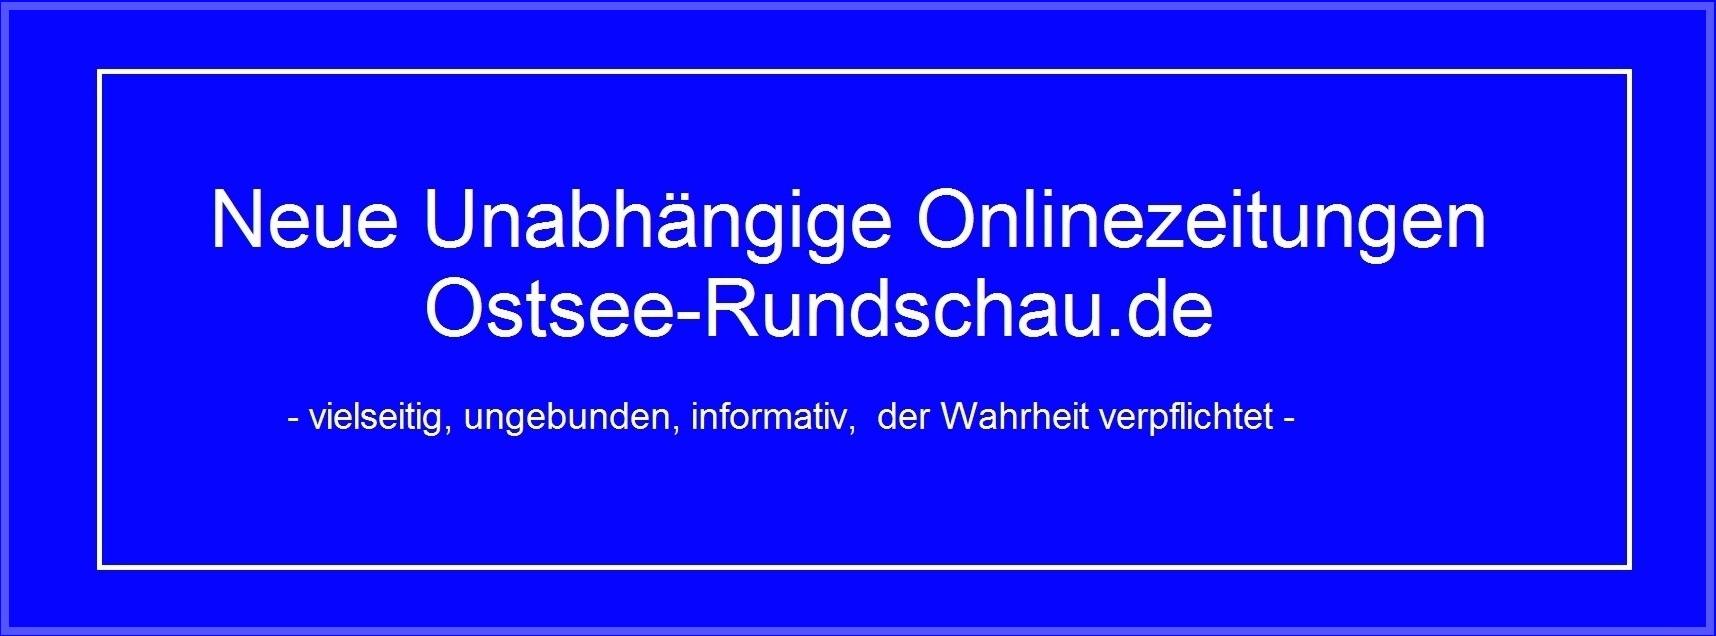 Neue Unabhängige Onlinezeitungen Ostsee-Rundschau.de - vielseitig, ungebunden, informativ, der Wahrheit verpflichtet